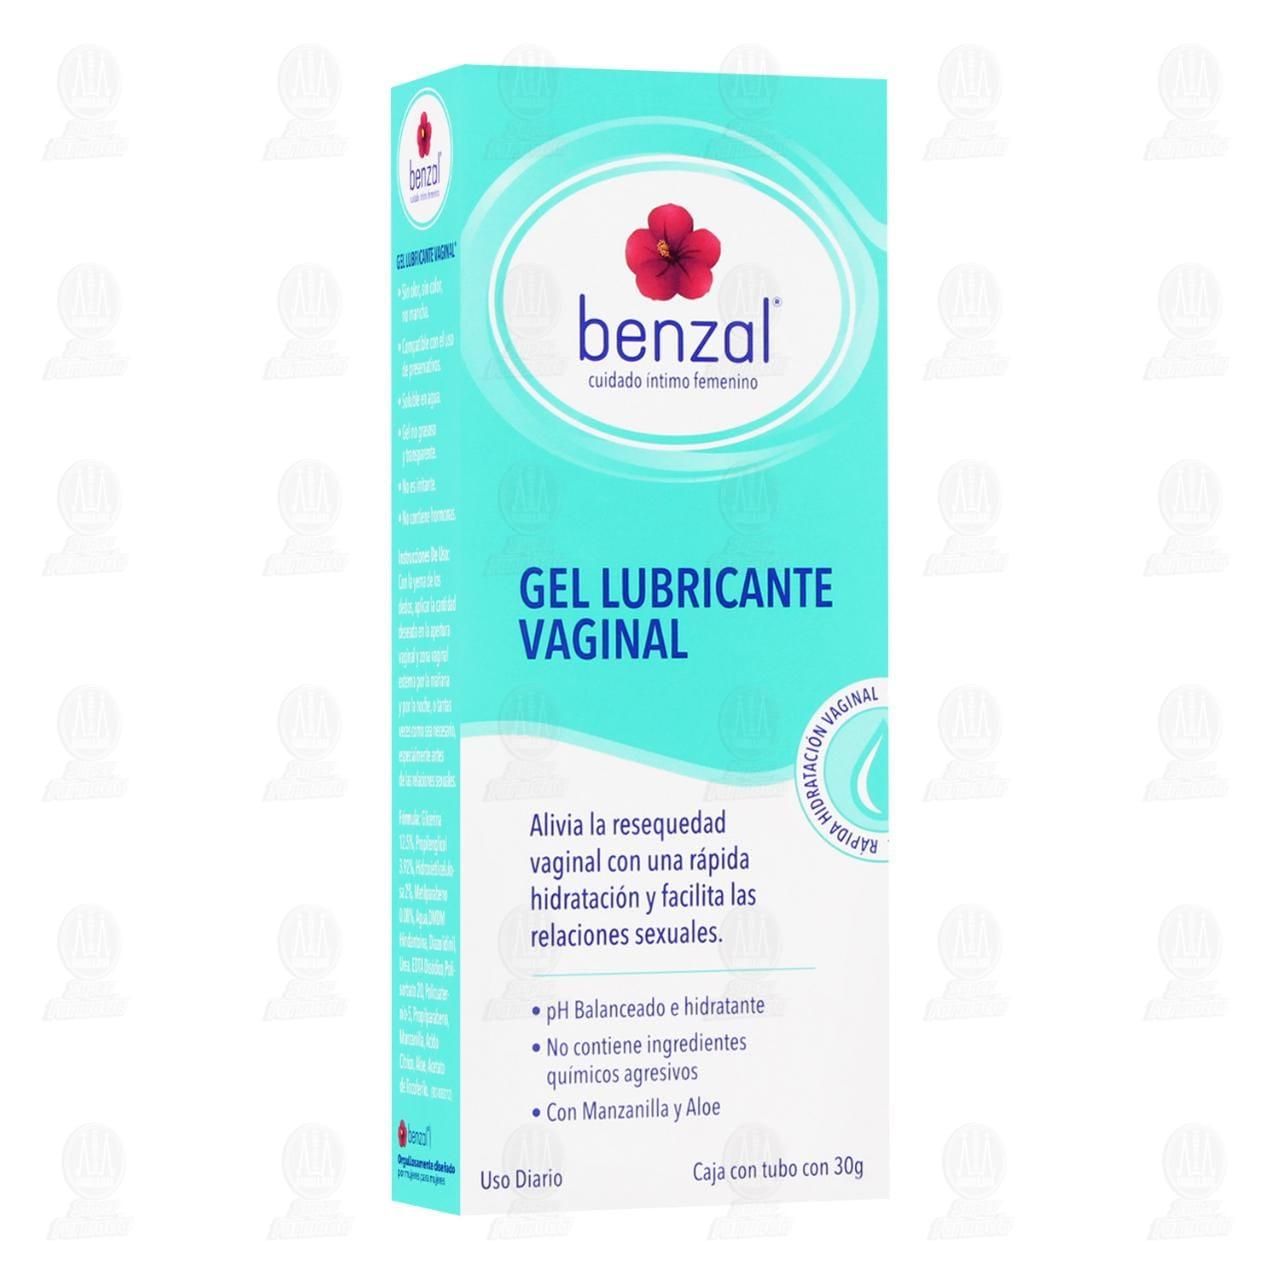 Gel Lubricante Vaginal Benzal Cuidado Íntimo Femenino, 30 gr.